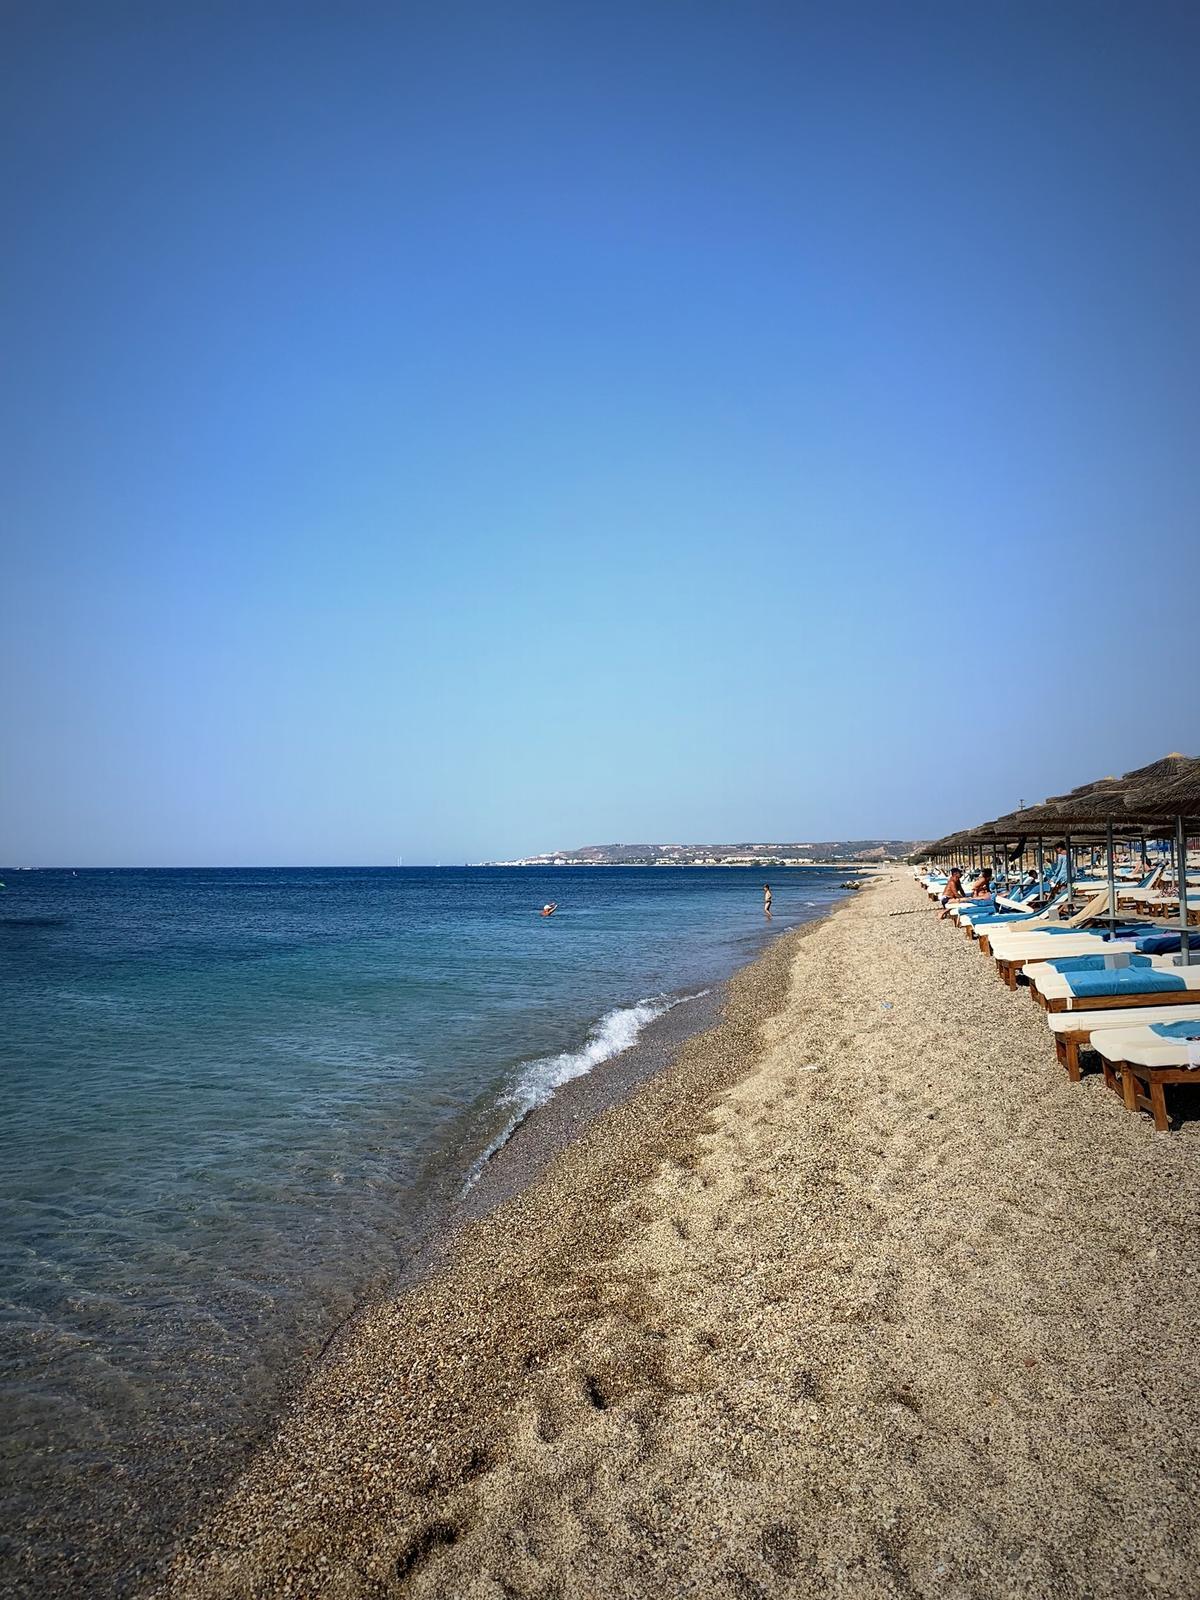 Léto 2019, Řecko - Kos - Obrázek č. 30